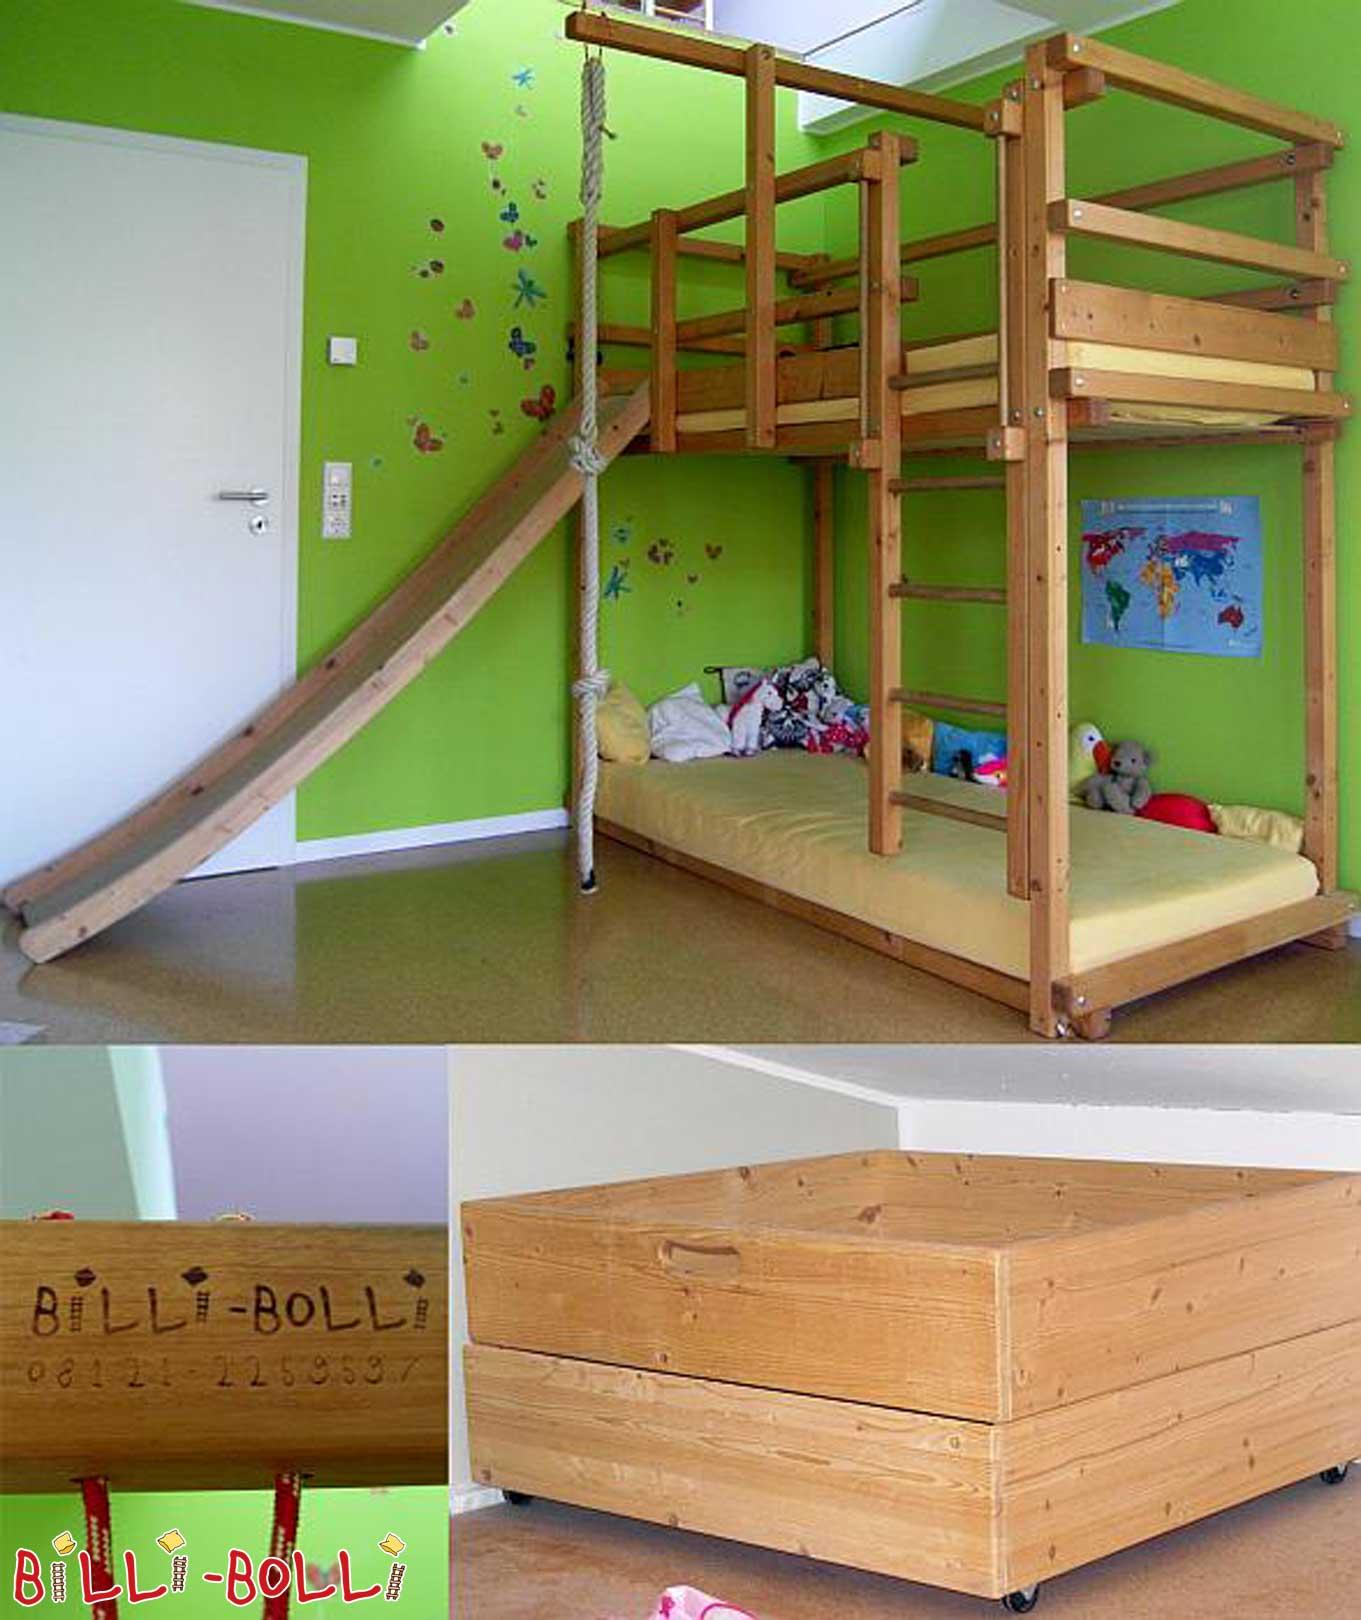 secondhand page 84 billi bolli kids furniture. Black Bedroom Furniture Sets. Home Design Ideas